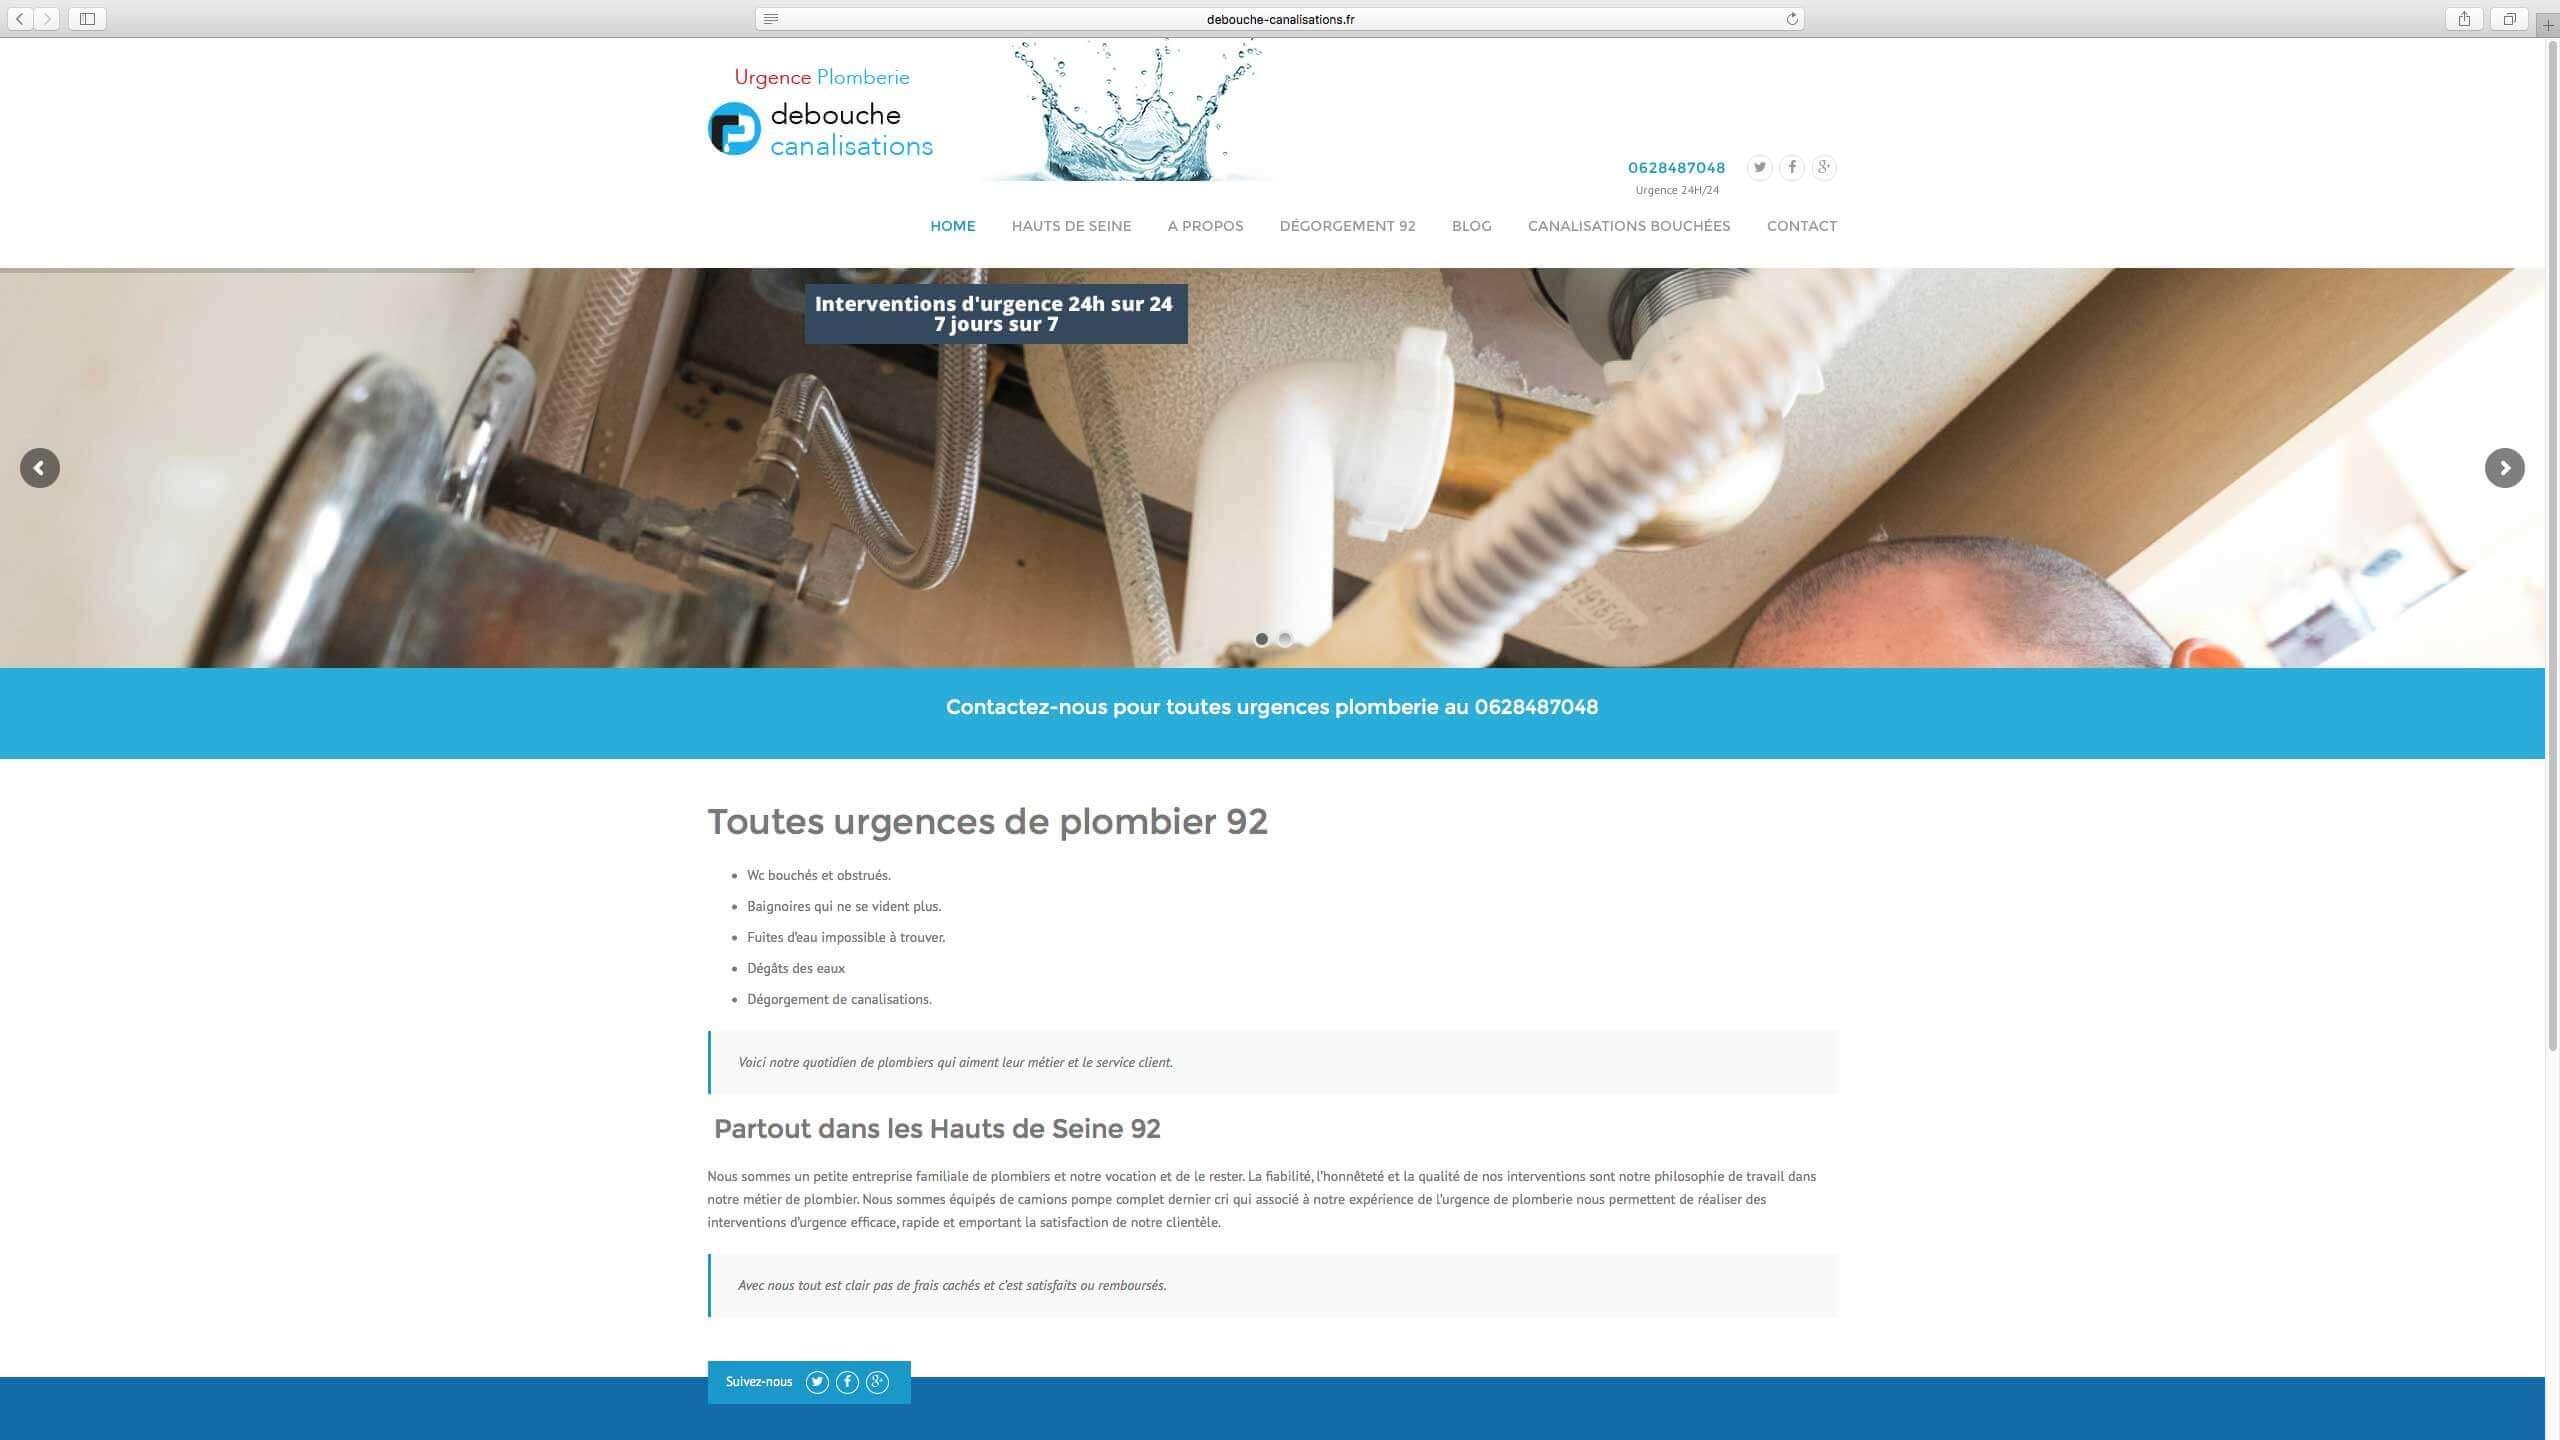 Capture d'écran du site internet Debouche Canalisations réalisé par Kevin de Sousa